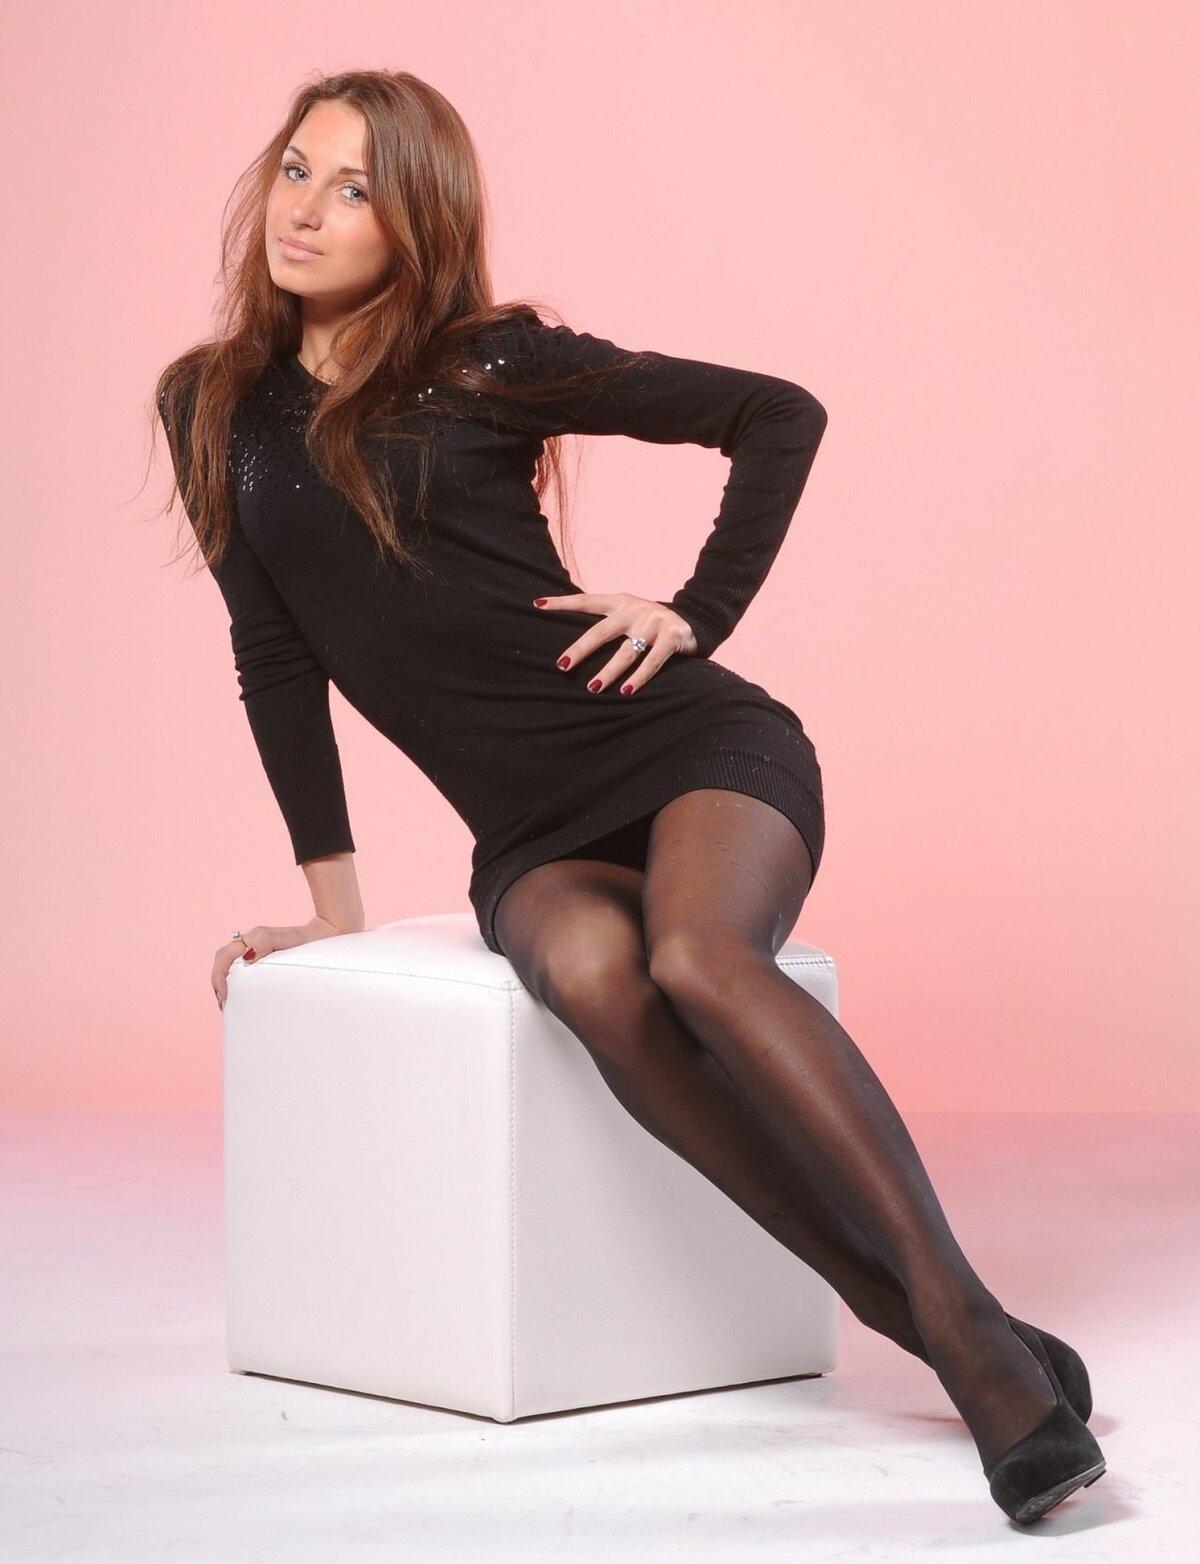 Любимая женщина в черных колготках — pic 14